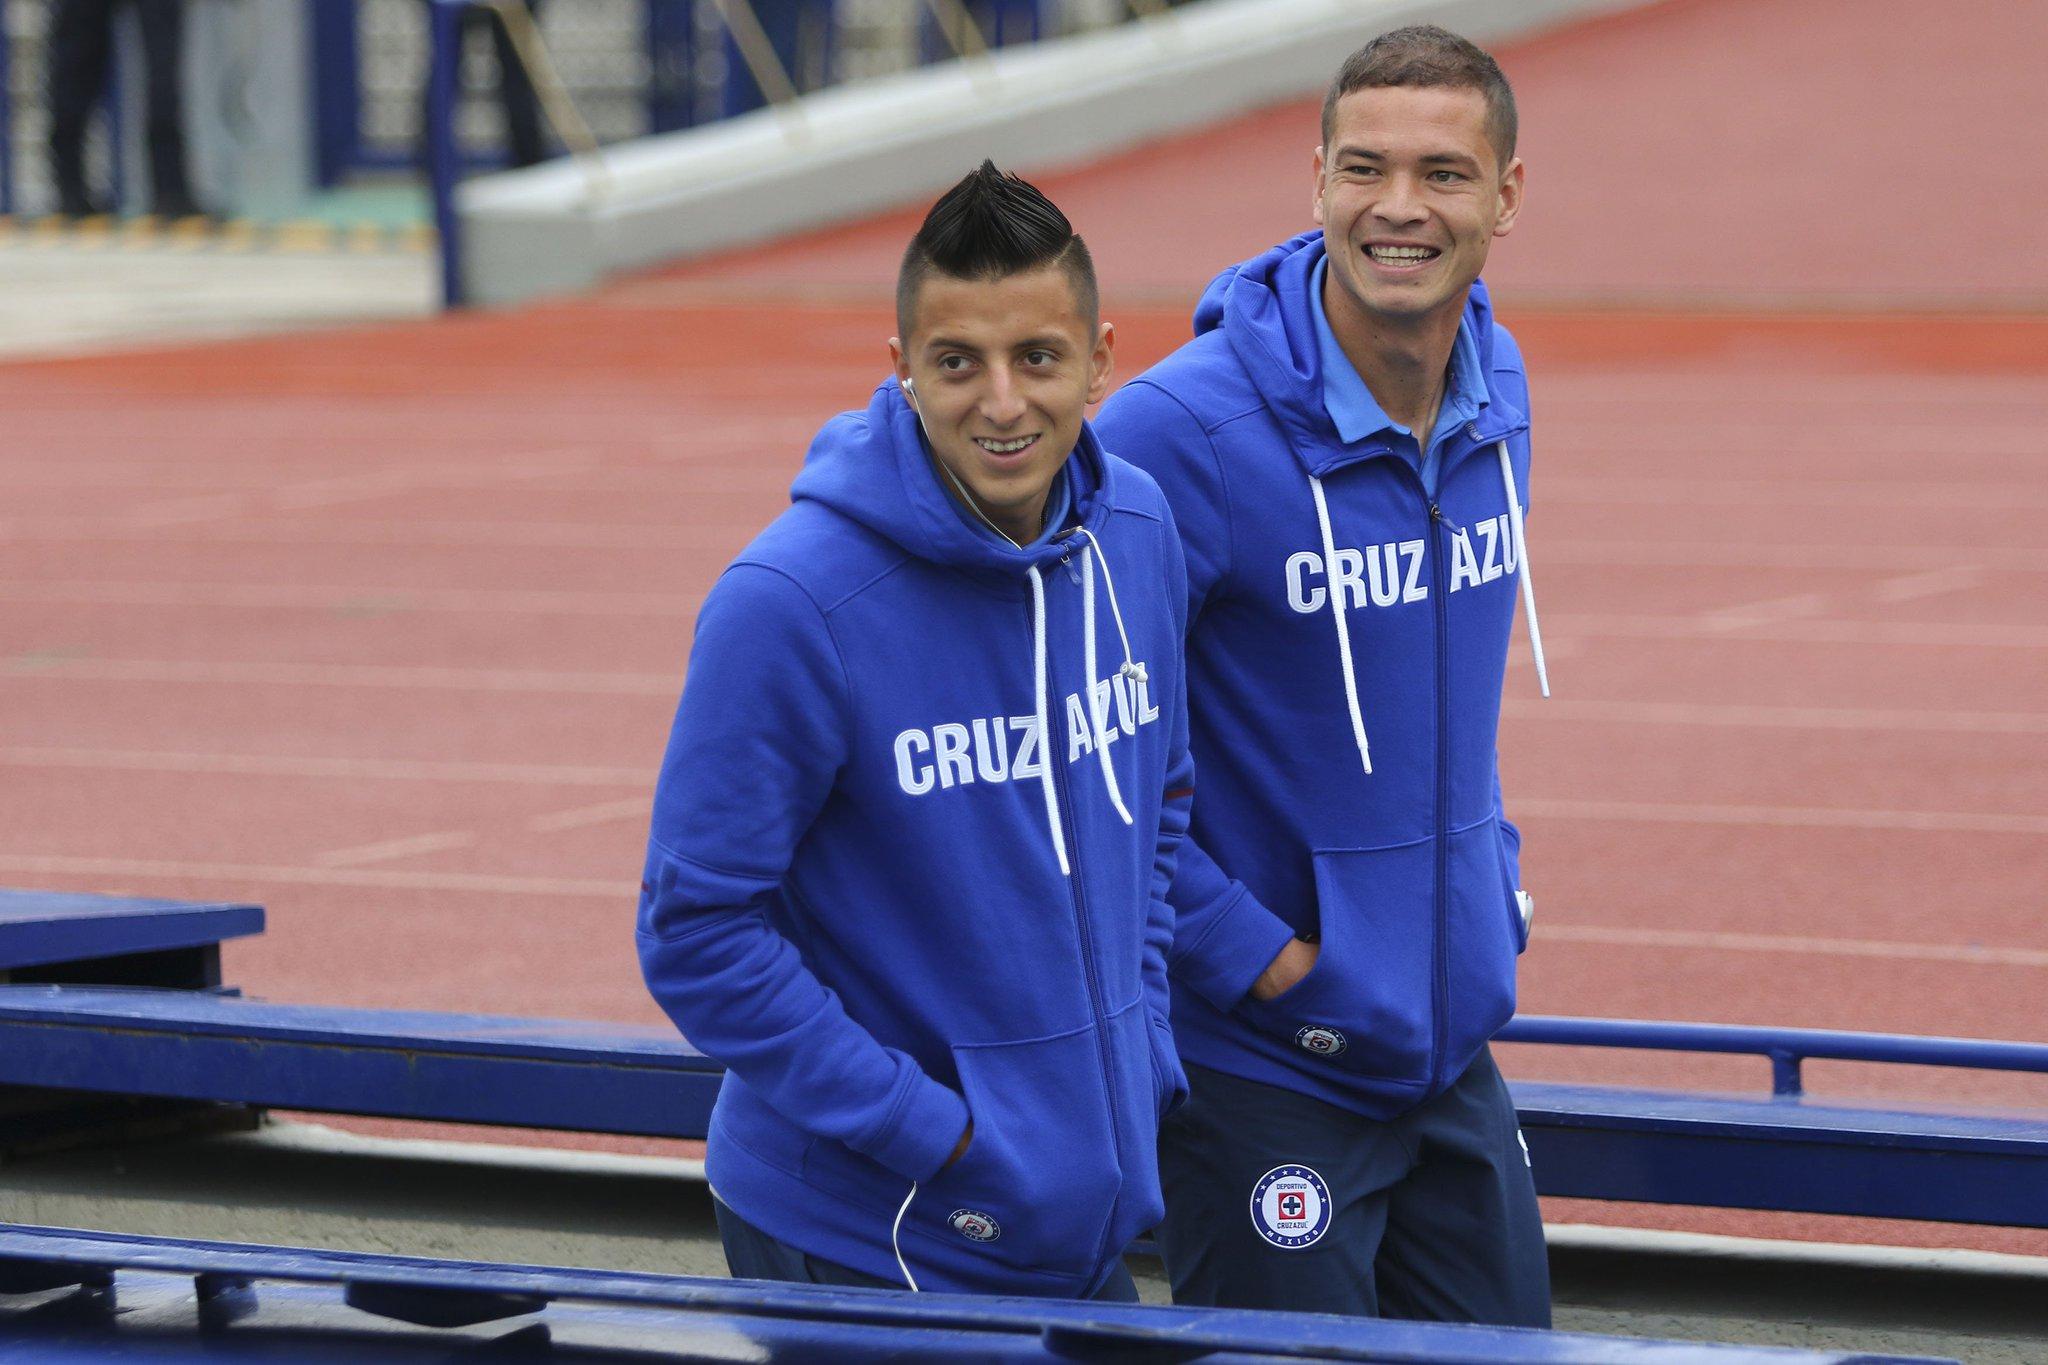 Cruz Azul vence 1-2 a los Pumas en la F15